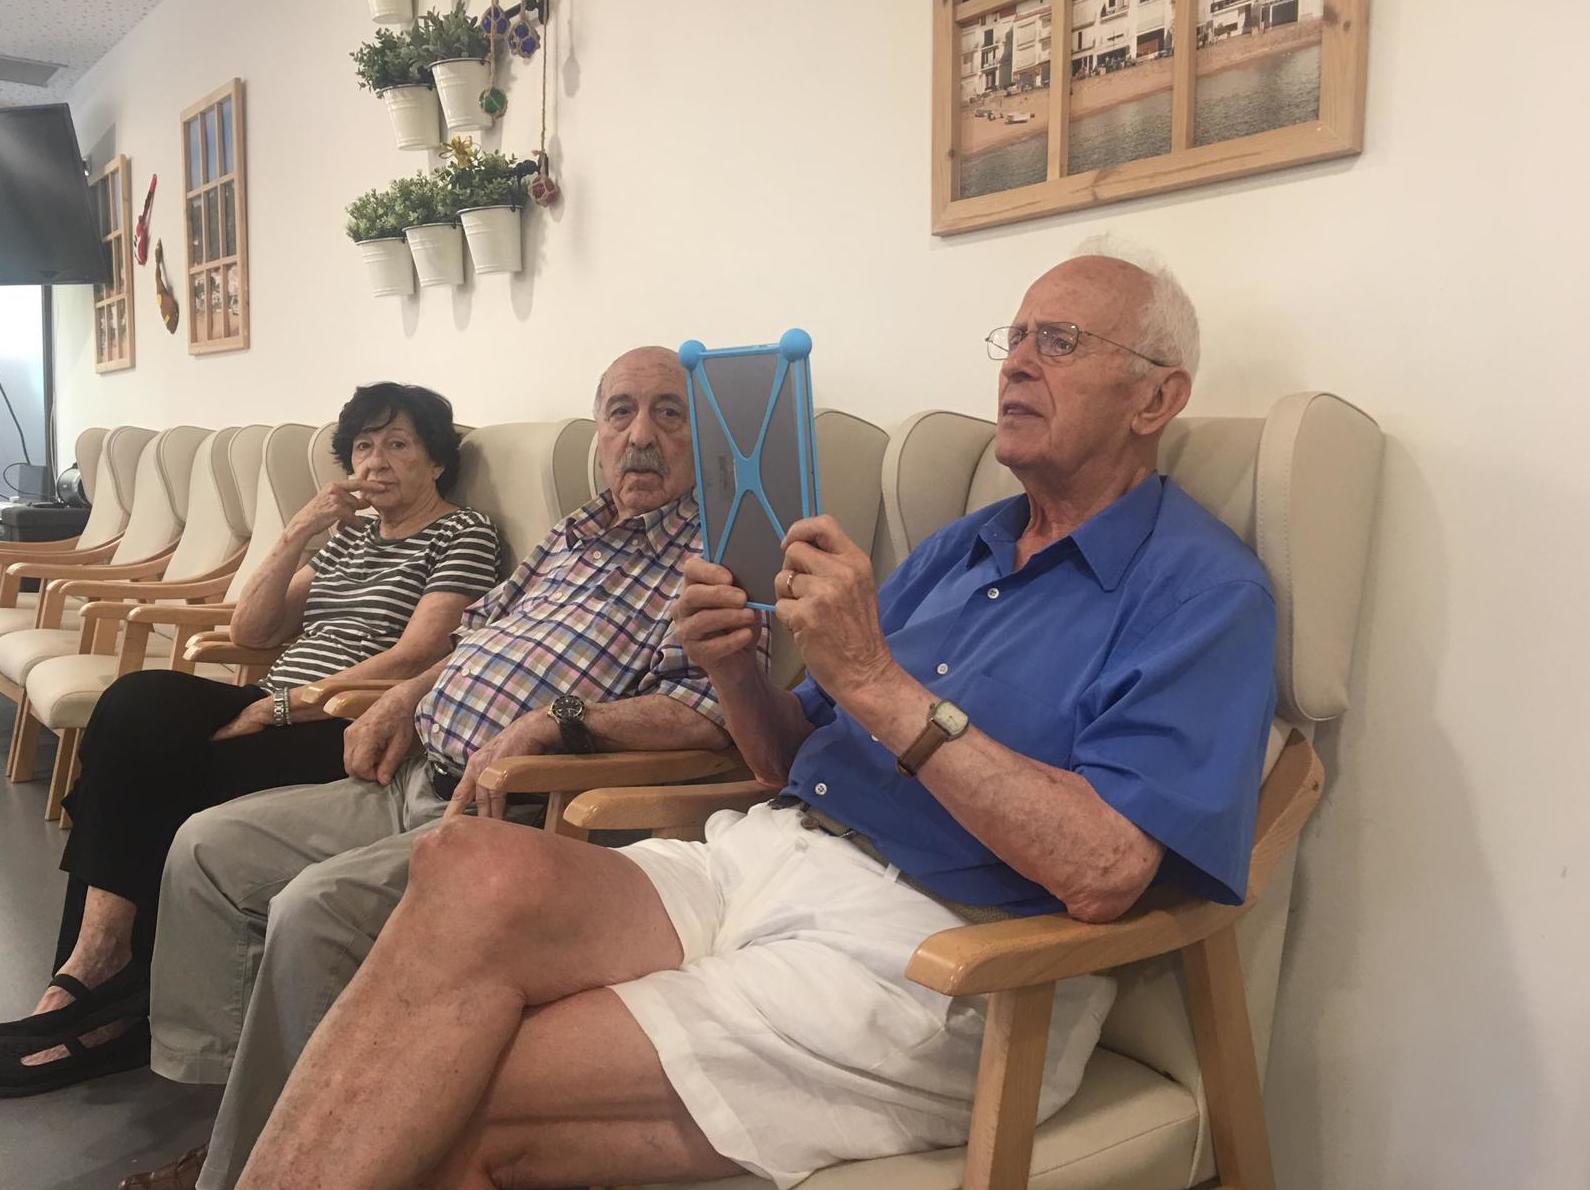 Trabajos con la tablet: Servicios de Avi Jeis Centro de dia para personas mayores